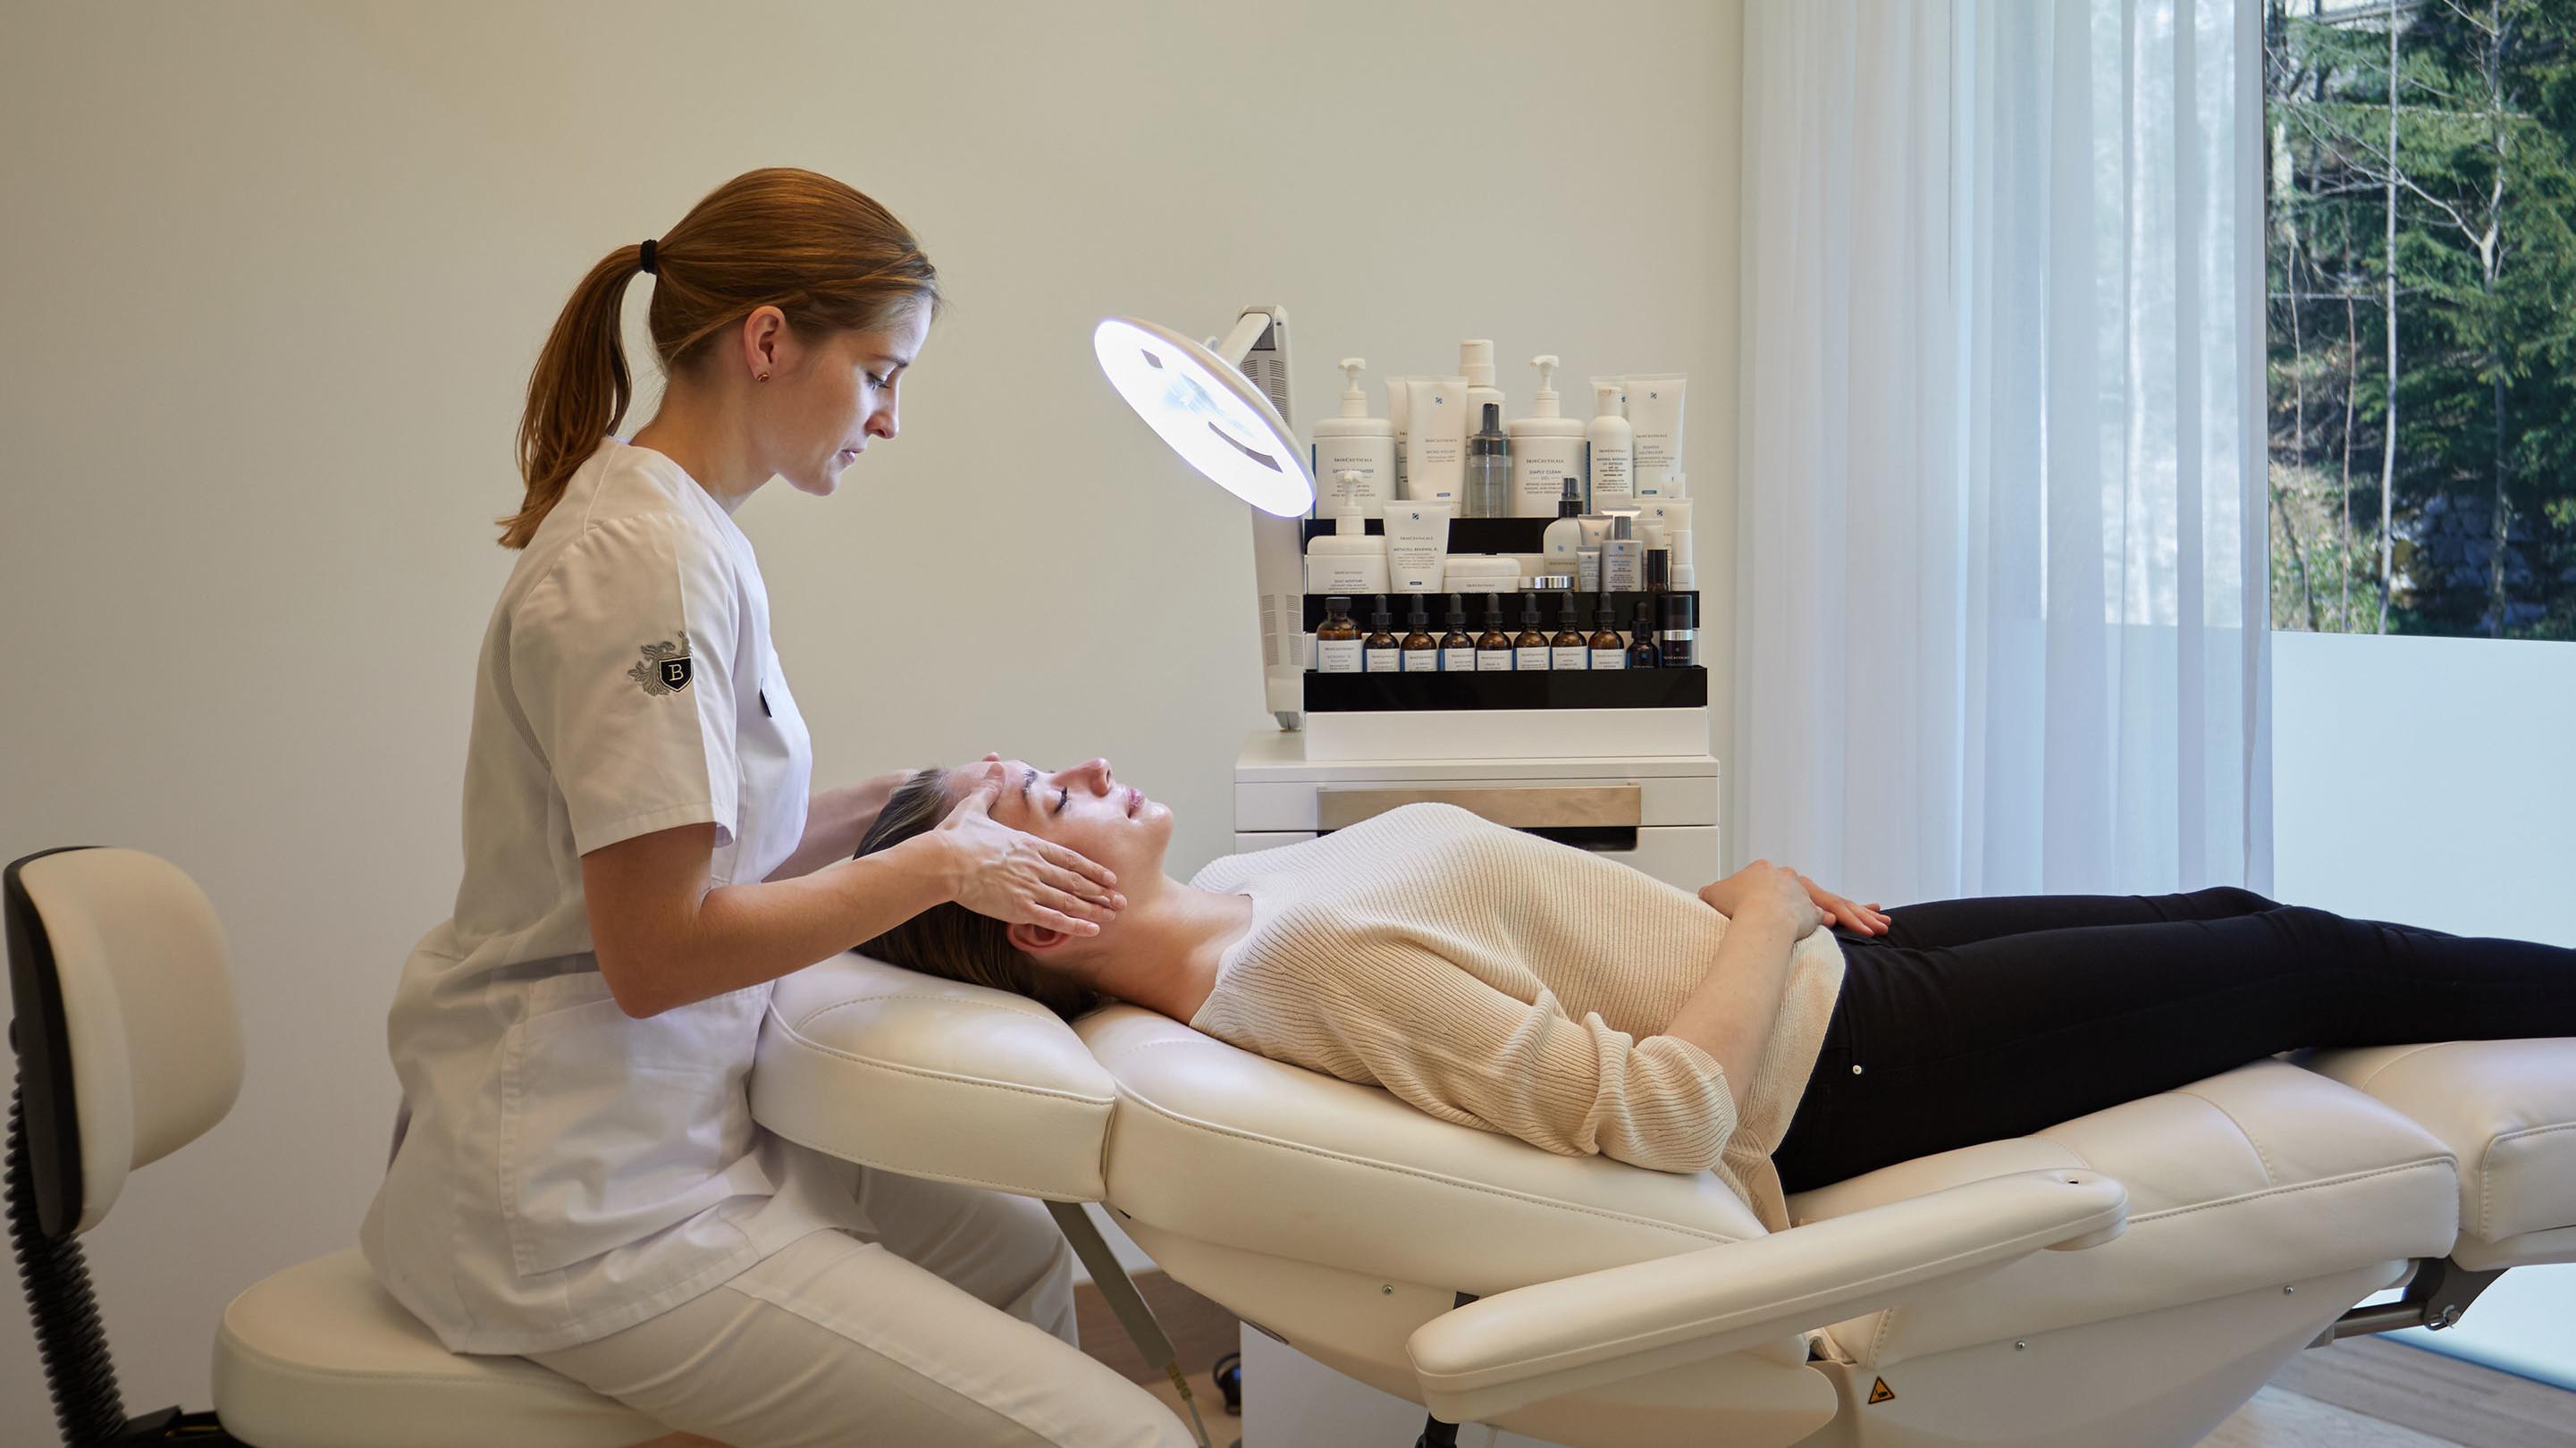 Dermatologische Behandlung einer Frau